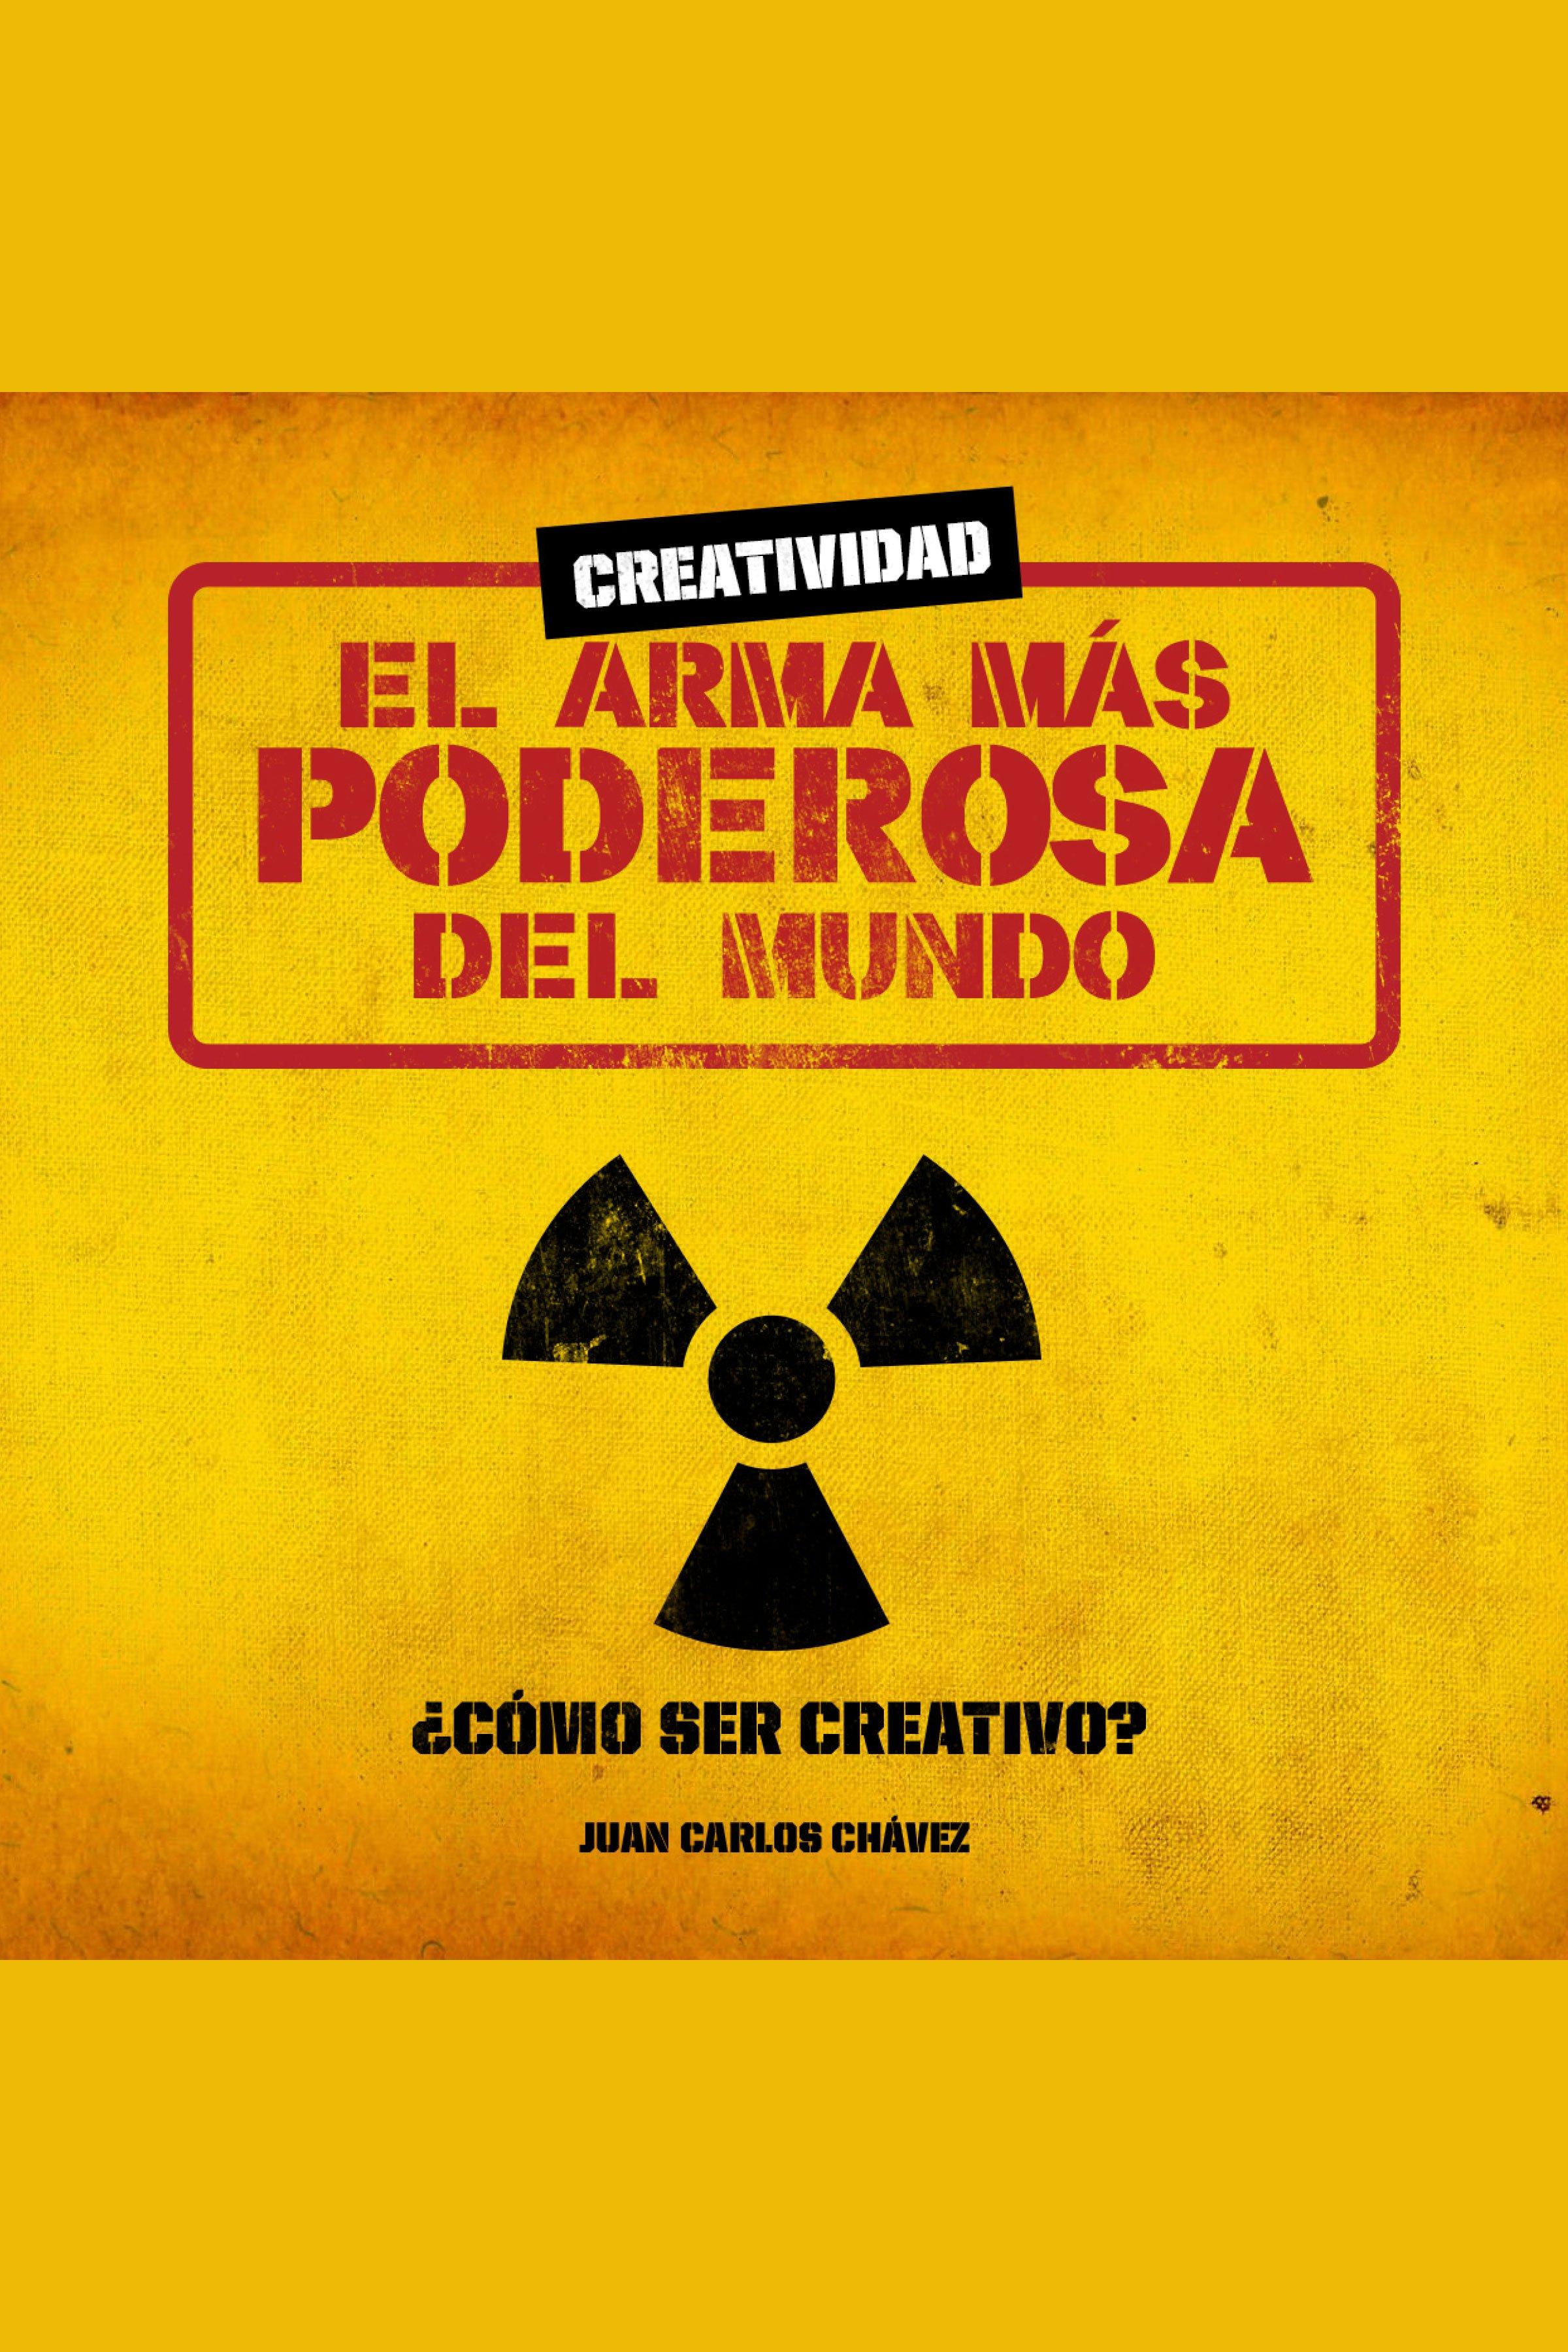 Esta es la portada del audiolibro Creatividad: el arma más poderosa del mundo